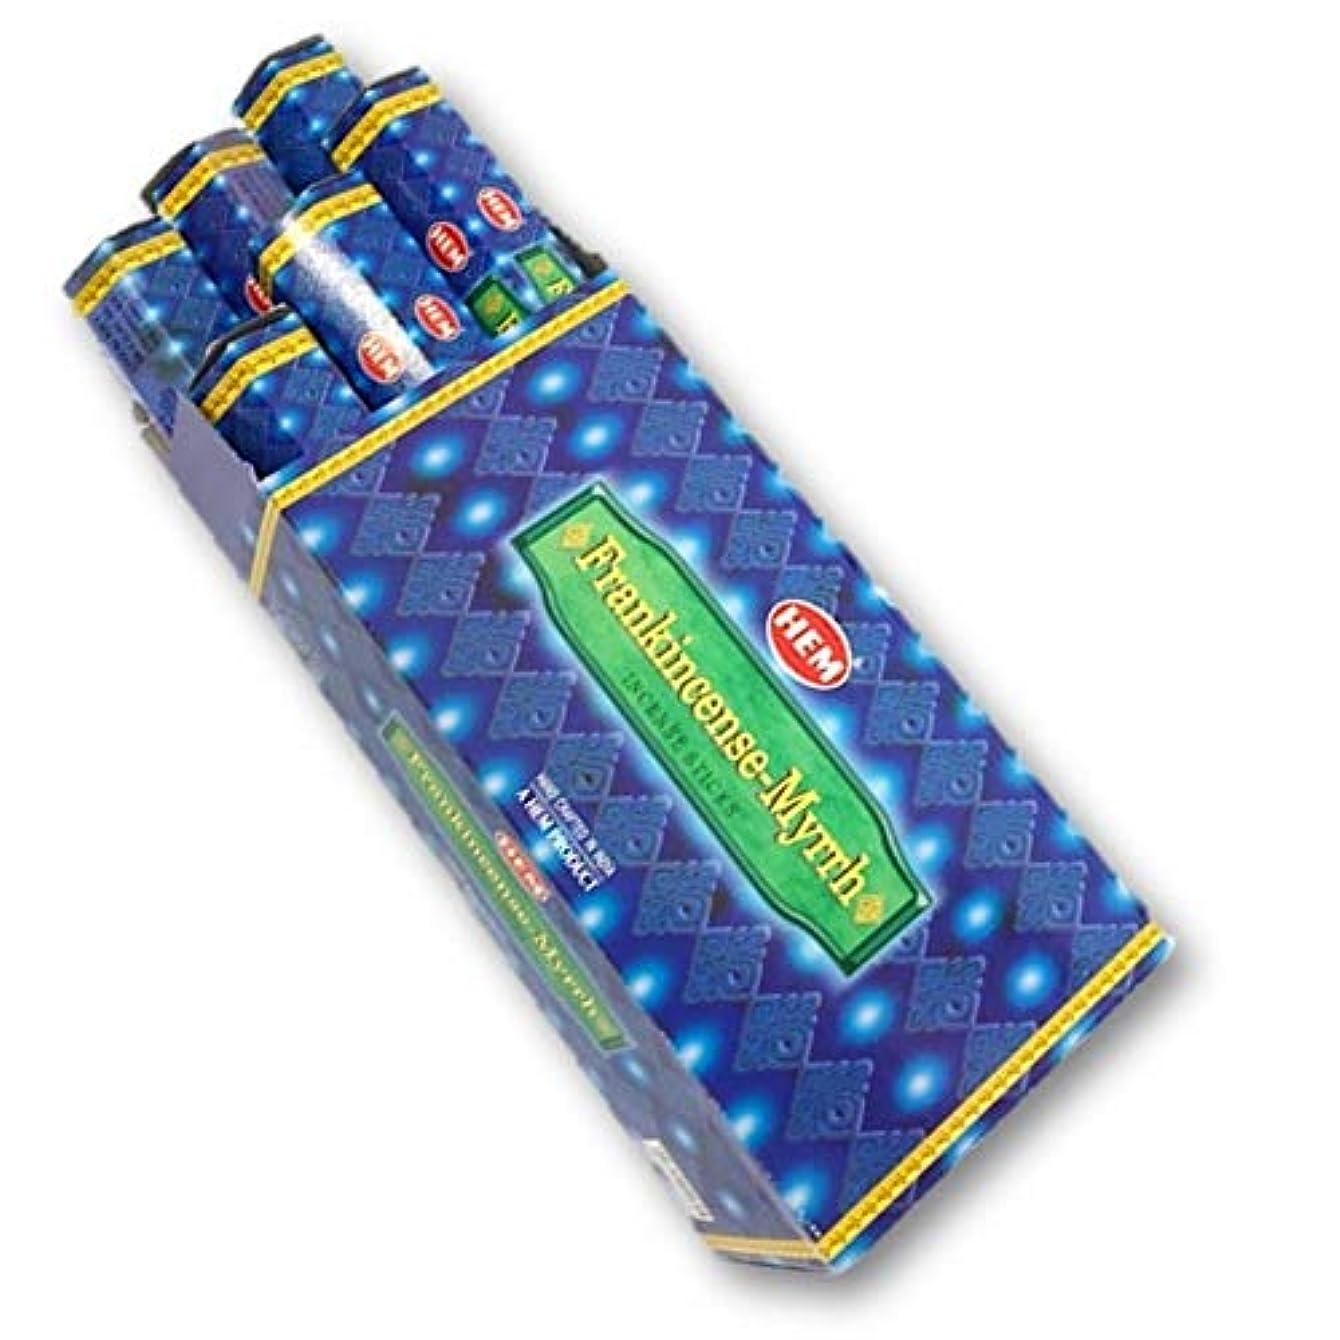 最終サミュエル眠るHEM(ヘム)/お香スティック/フランキンセンスミルラ/1ケース(1箱20本×6箱)